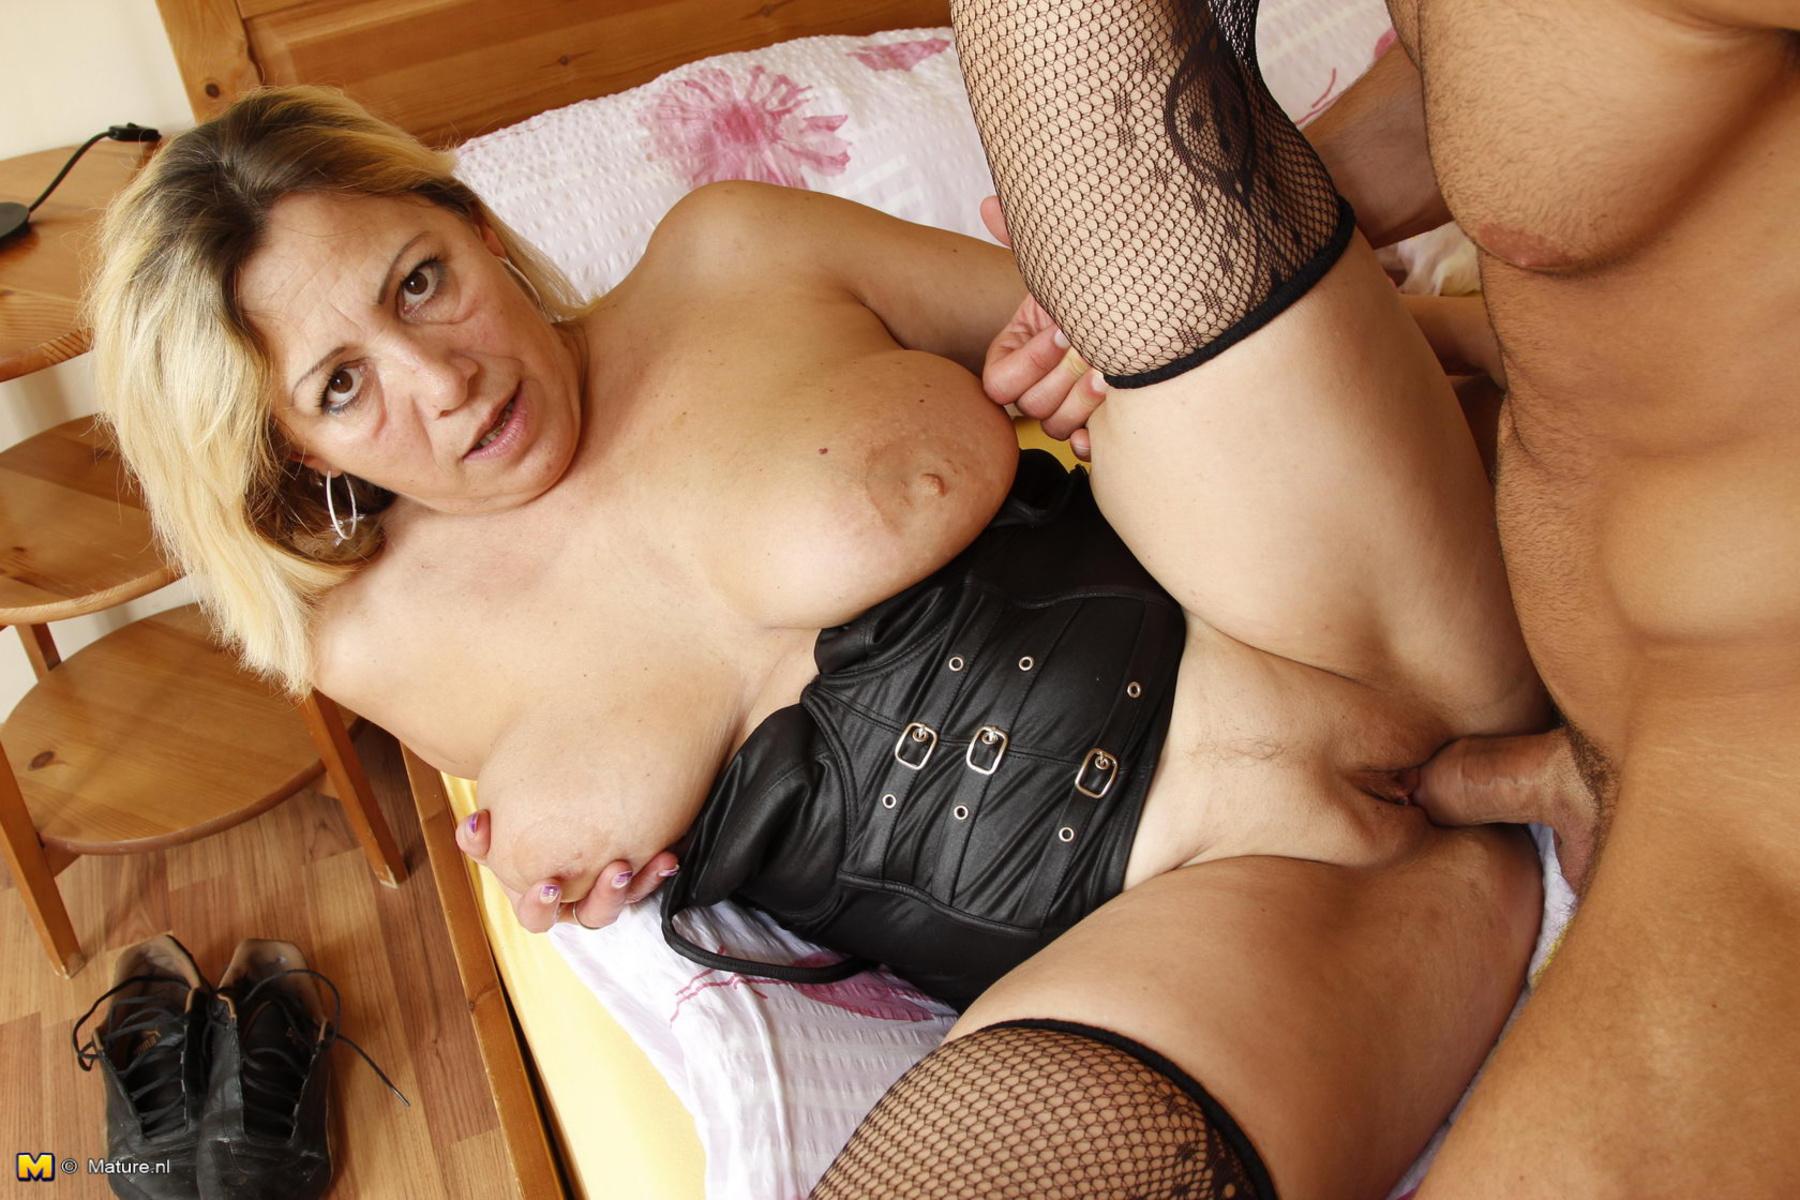 Смотреть порносо зрелыми женщинами, Порно зрелые, секс со зрелыми женщинами 18 фотография